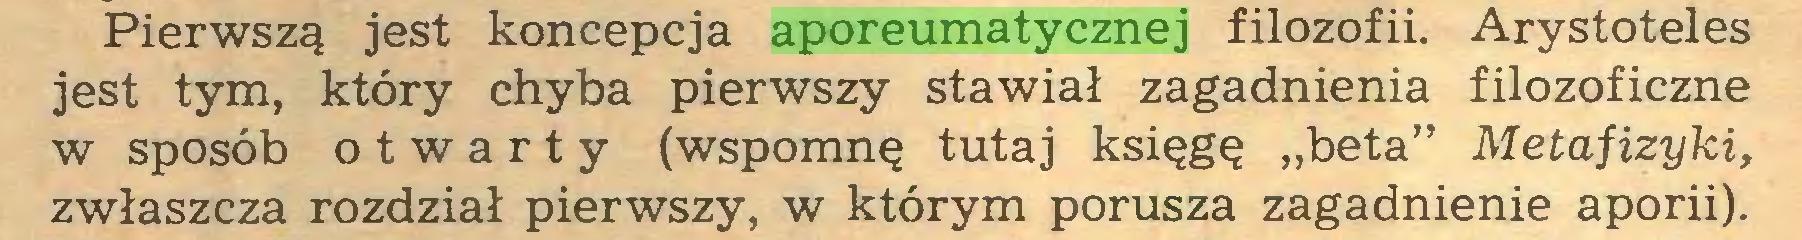 """(...) Pierwszą jest koncepcja aporeumatycznej filozofii. Arystoteles jest tym, który chyba pierwszy stawiał zagadnienia filozoficzne w sposób otwarty (wspomnę tutaj księgę """"beta"""" Metafizyki, zwłaszcza rozdział pierwszy, w którym porusza zagadnienie aporii)..."""